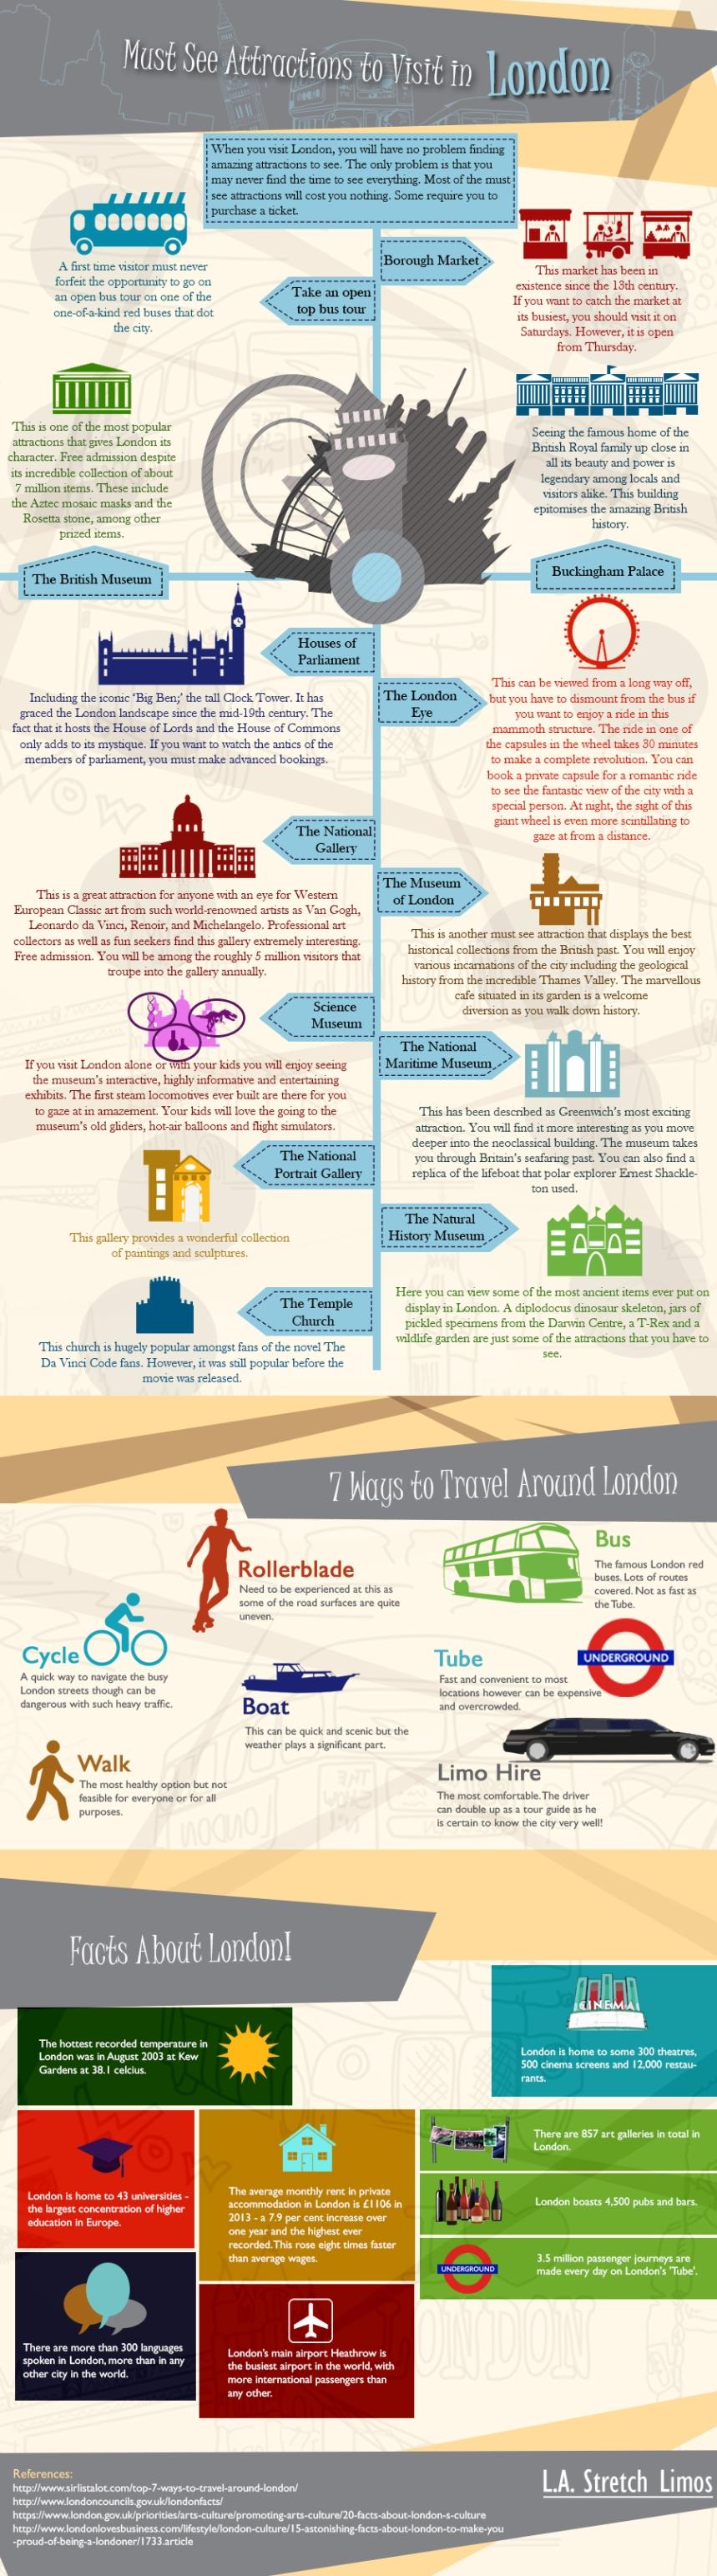 Cosas que debes visitar en Londres